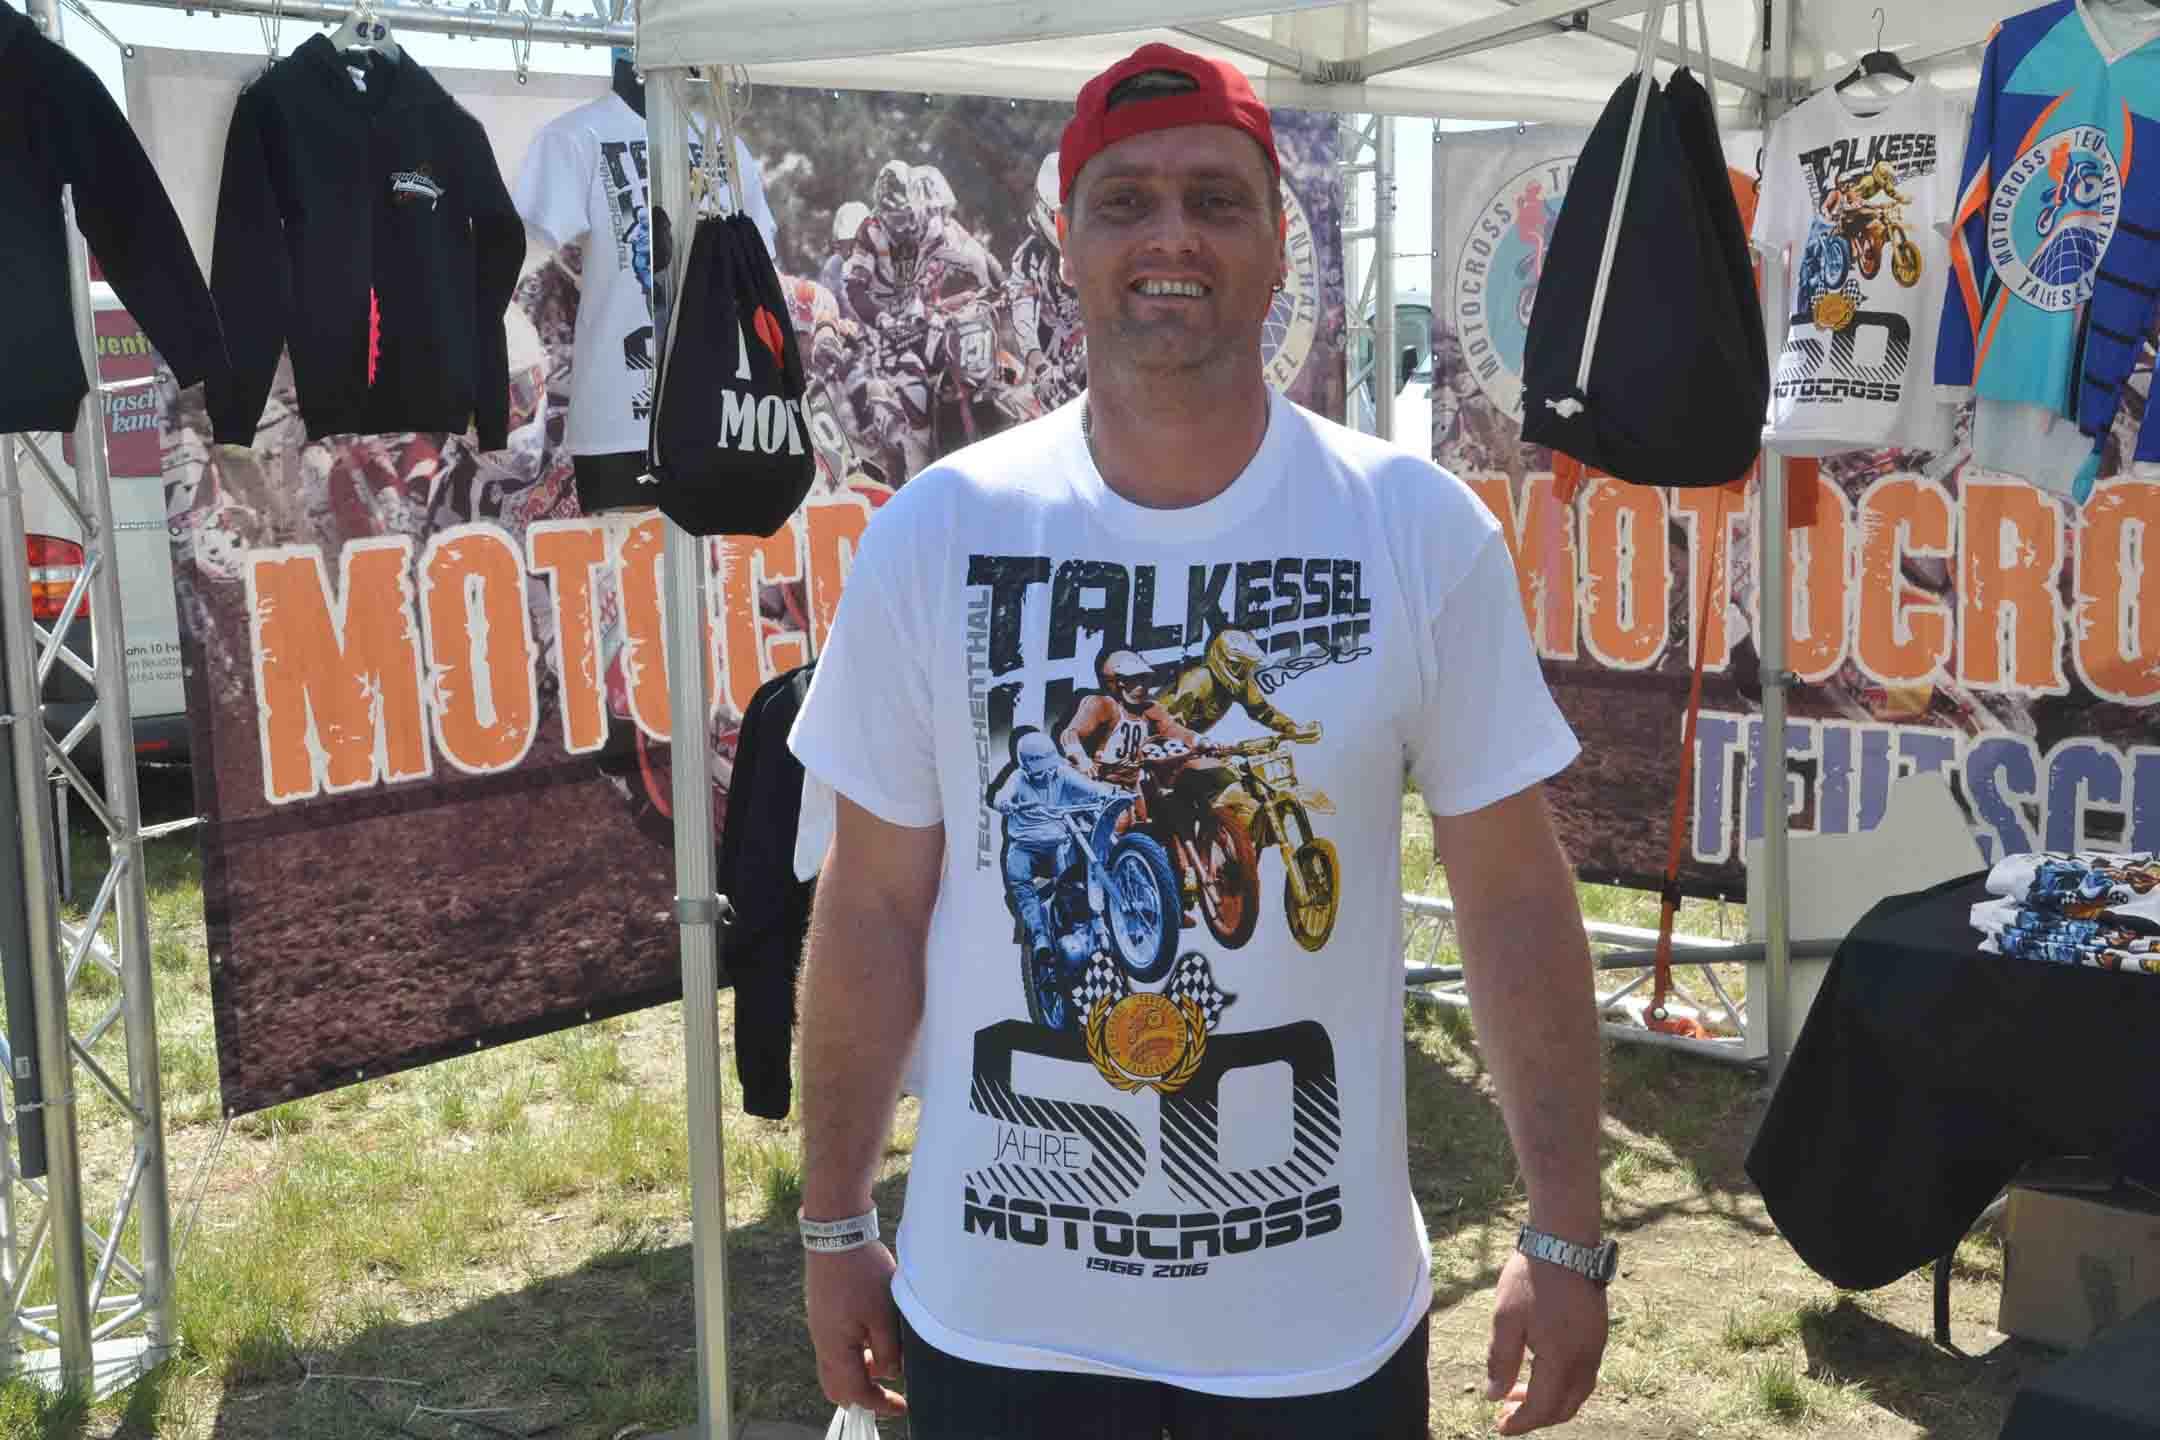 MXGP 2016 Teutschenthal Talkessel T-Shirt